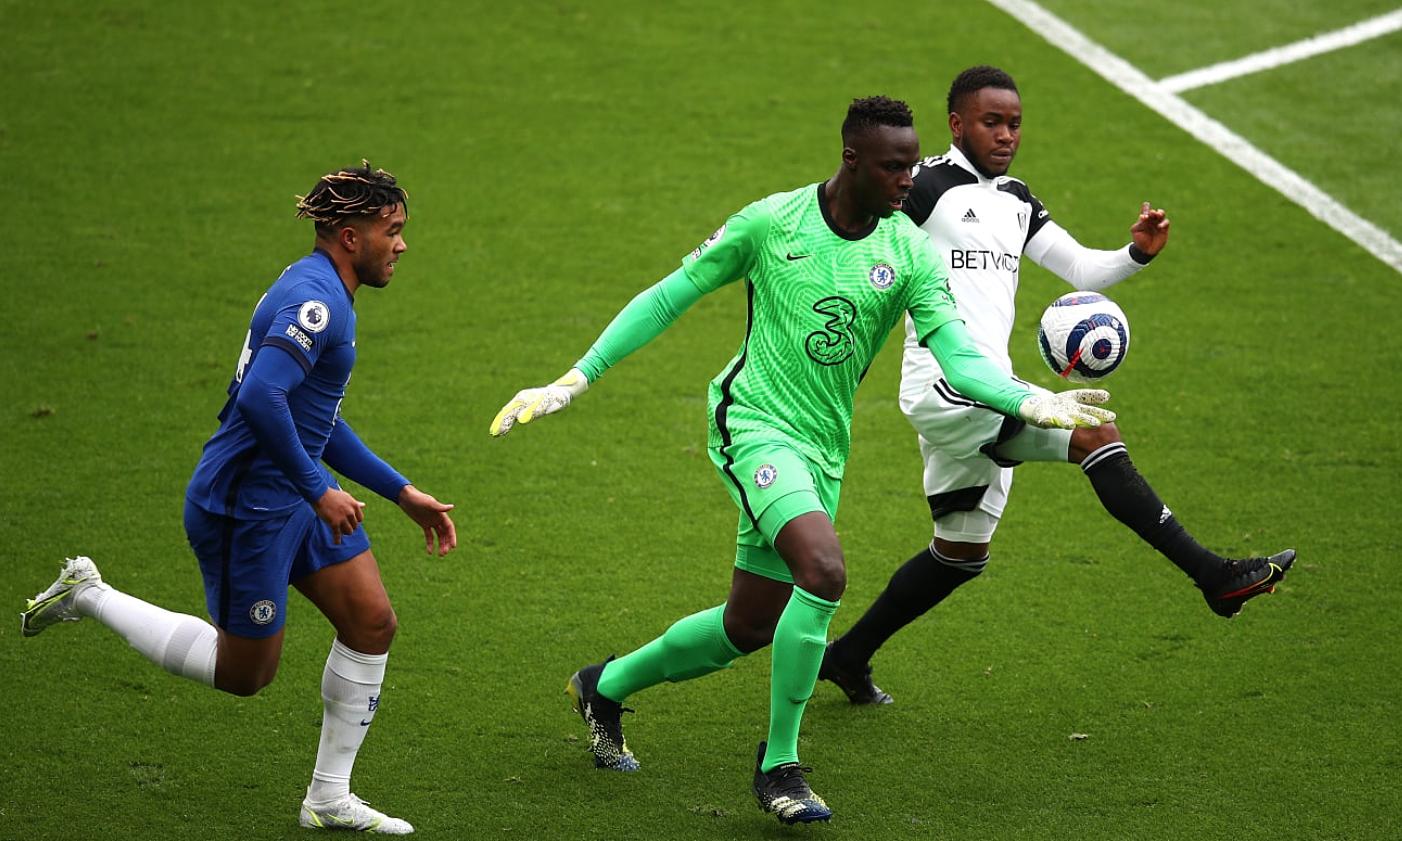 Thủ môn Mendy là chốt chặn vững chãi với nhiều pha ra vào hợp lý, giúp Chelsea giữ sạch lưới. Ảnh: Chelsea FC